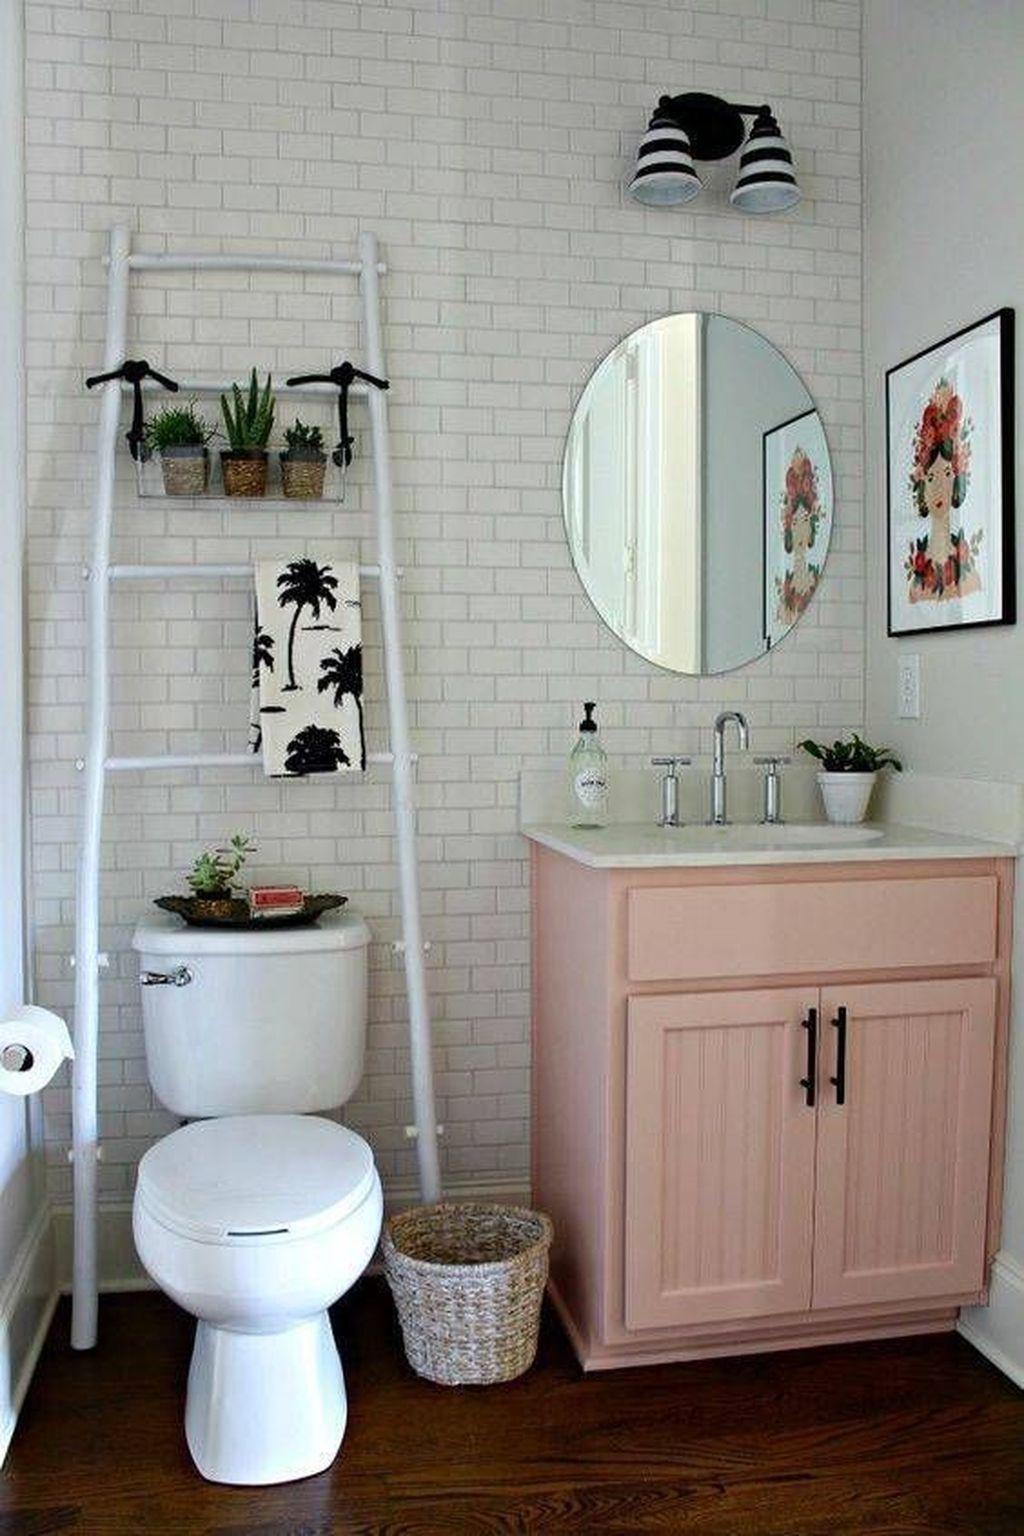 Brilliant Tiny Apartment Decorating Ideas You Should Copy 24